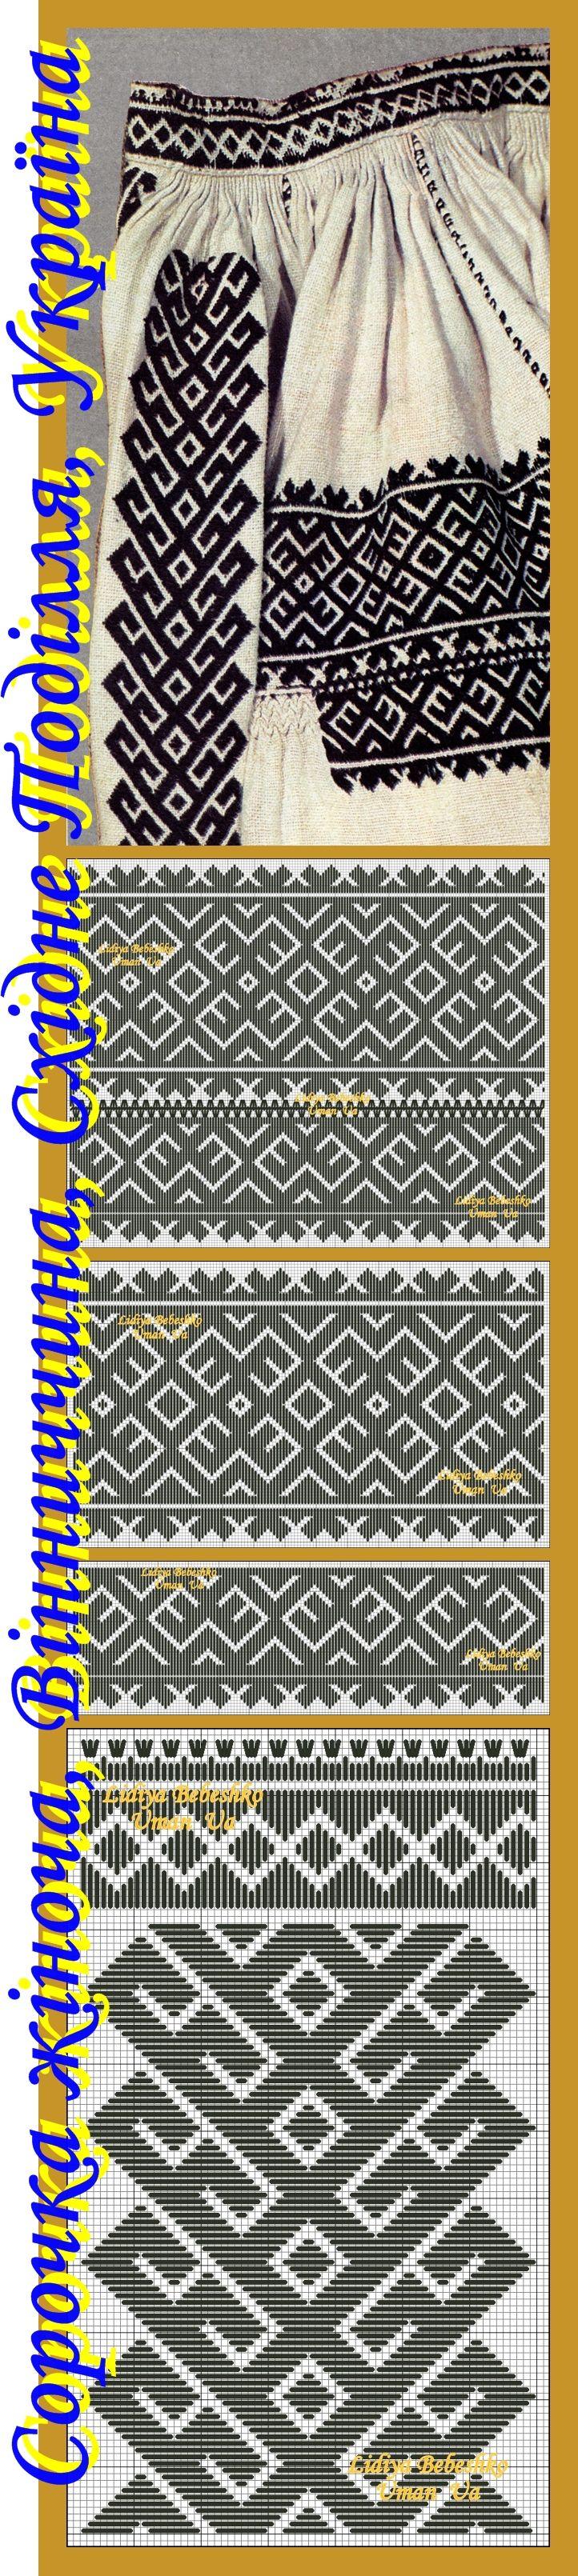 Жіноча сорочка з Вінниччини, Східне Поділля, Україна, кін. ХІХ ст. Фонди НМУНДМ.